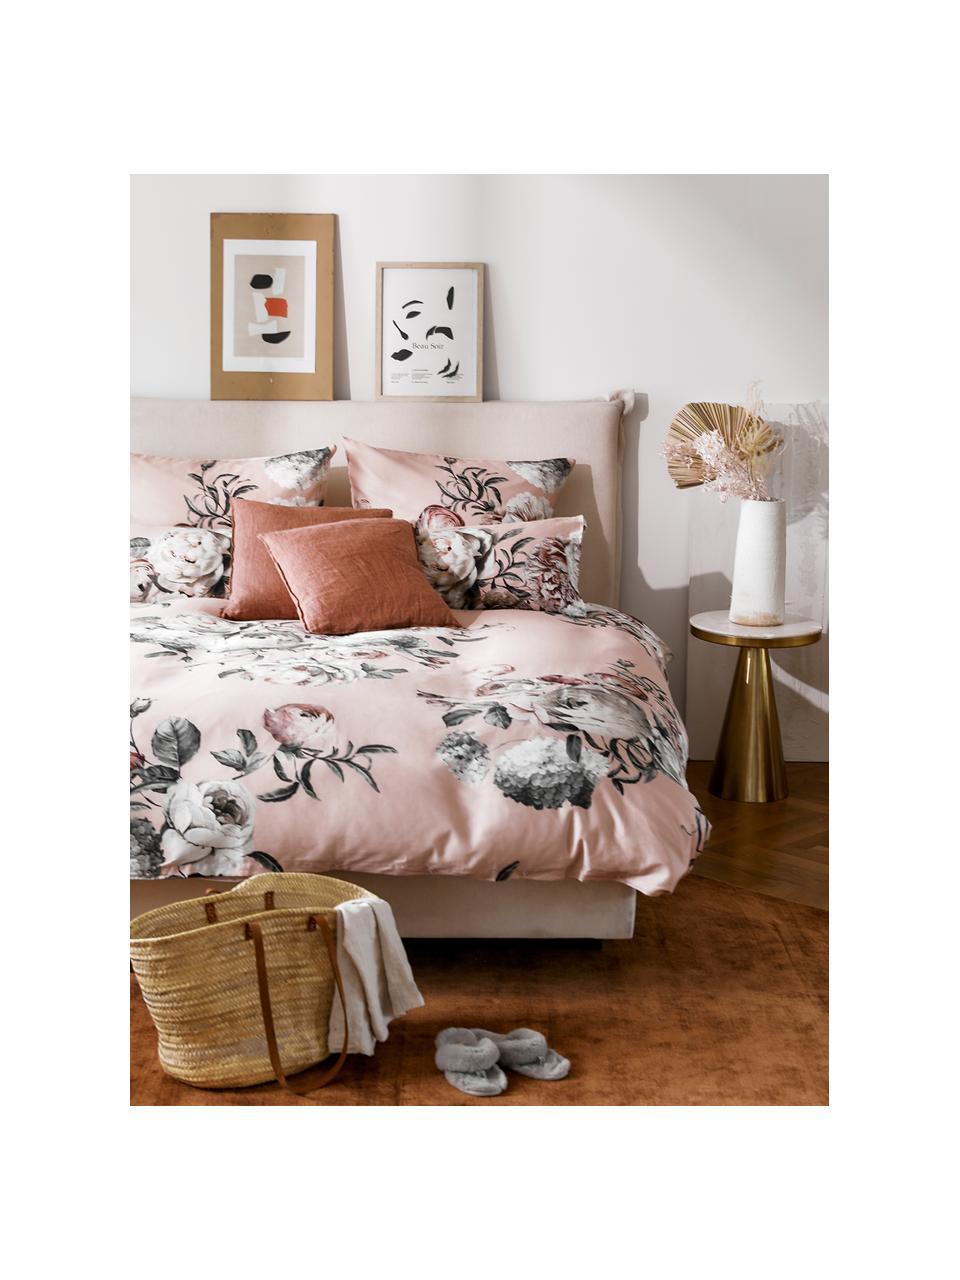 Katoensatijnen dekbedovertrek Blossom, Weeftechniek: satijn Draaddichtheid 210, Roze, 140 x 200 cm + 1 kussen 60 x 70 cm